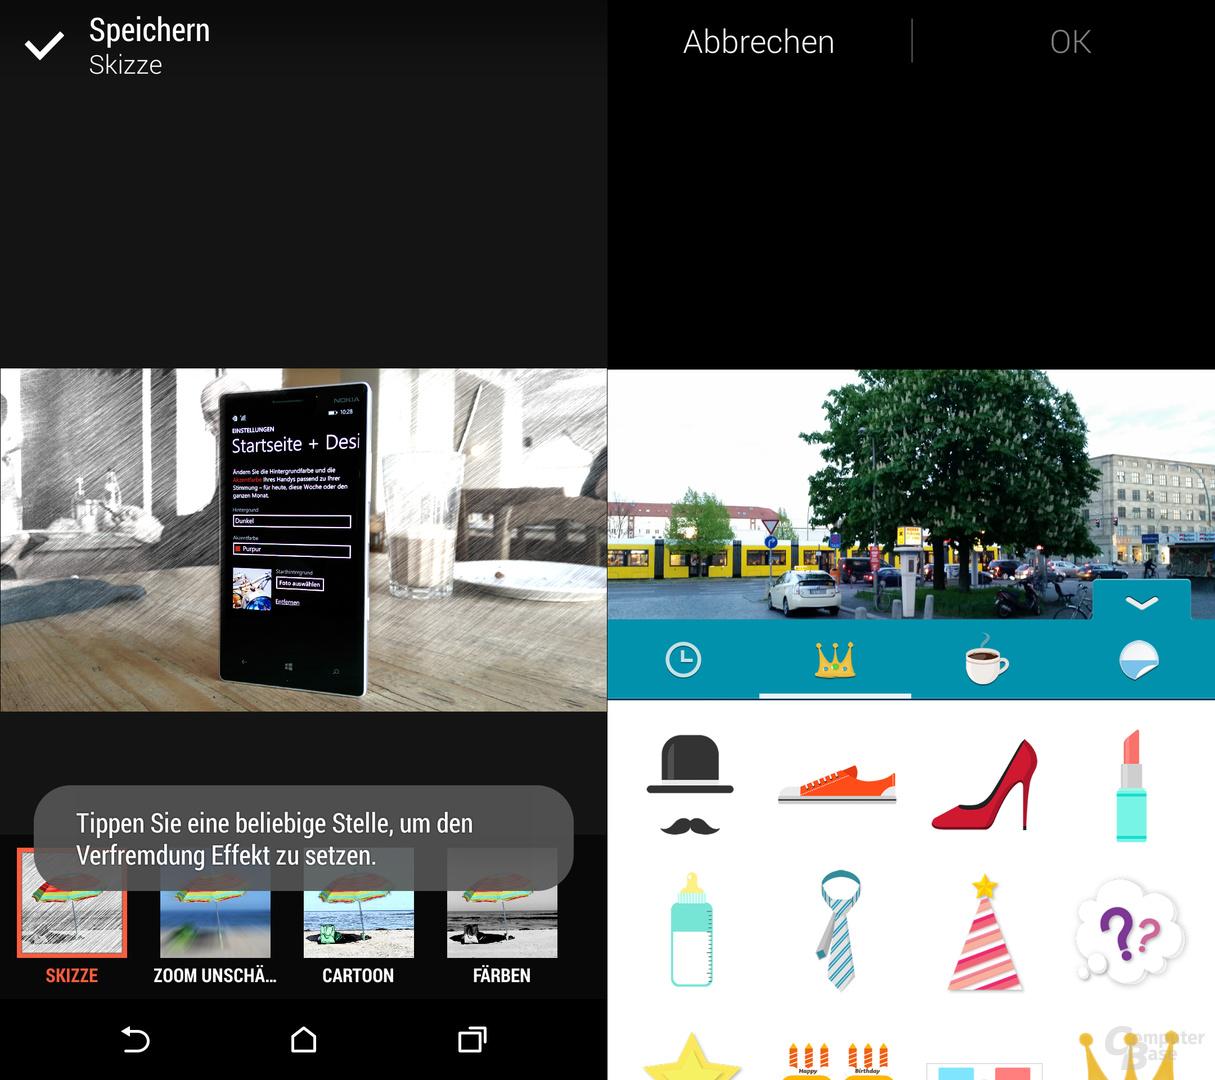 HTC One (M8) & Samsung Galaxy S5: Skizzen und Aufkleber